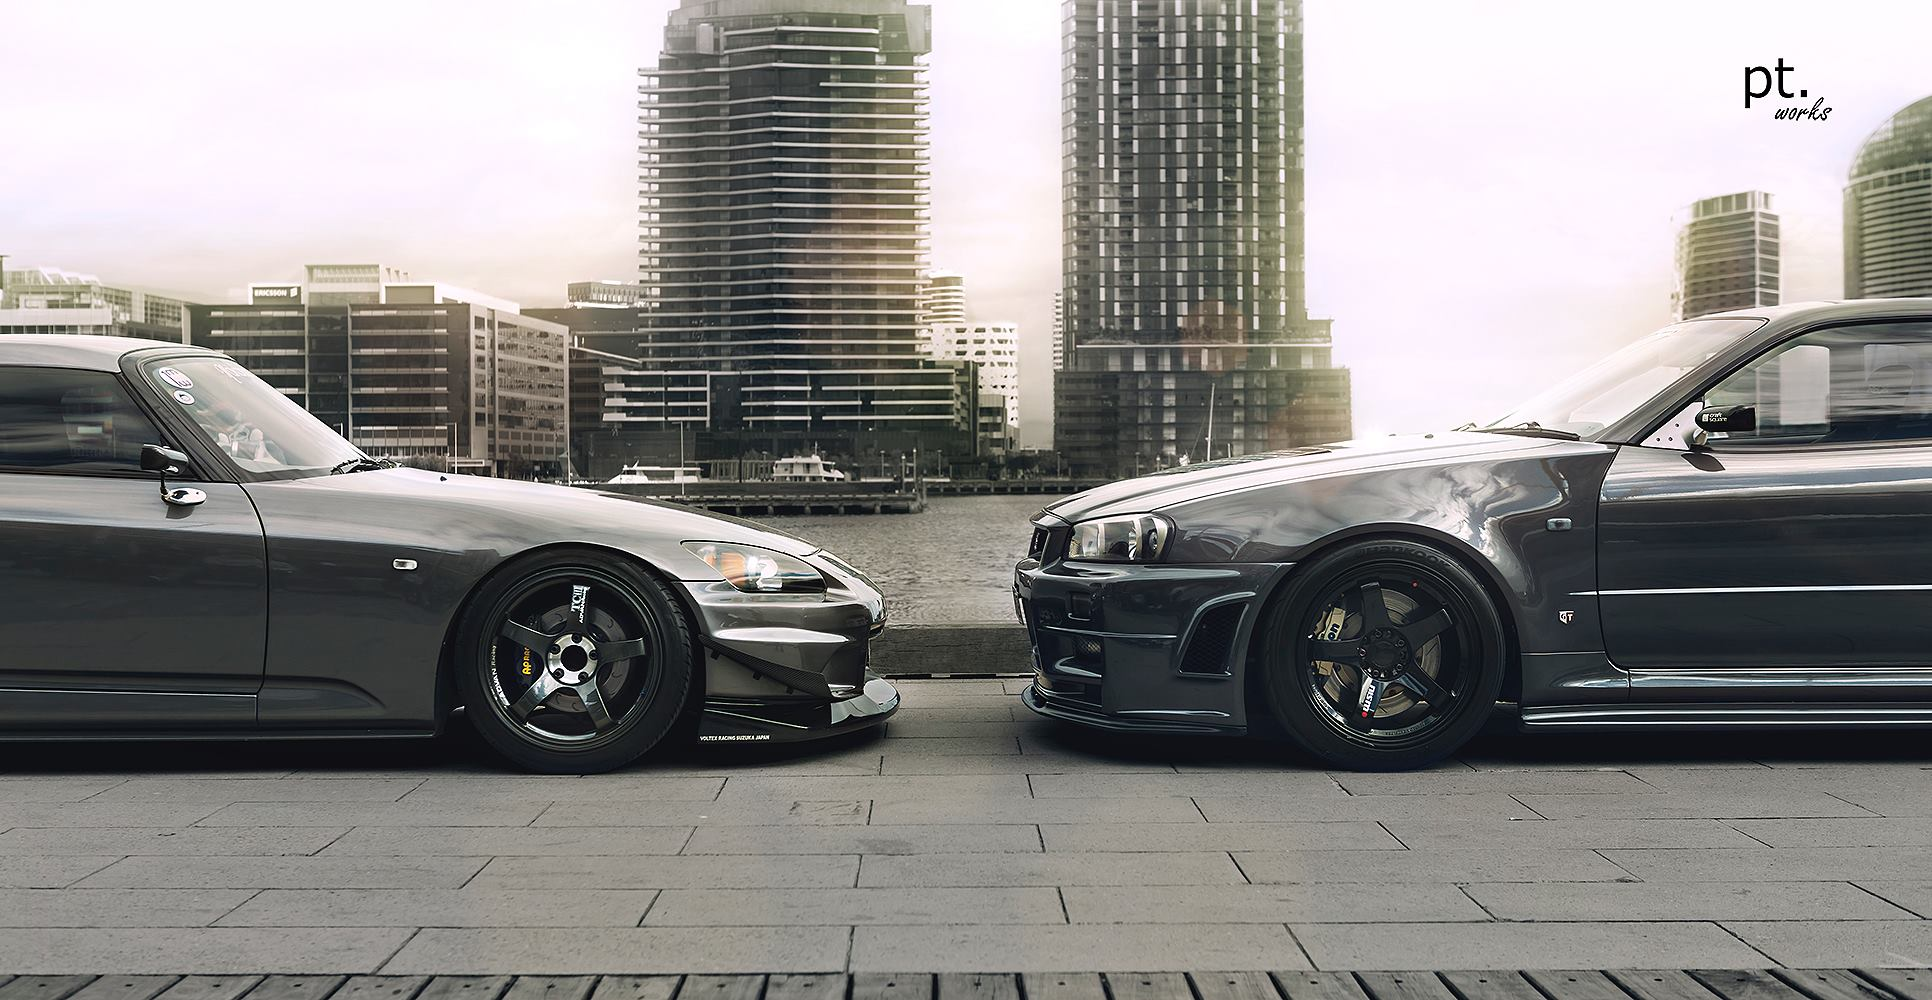 Subaru Brz Turbo >> Cars on Pinterest | Bmw Z4, BMW and Subaru